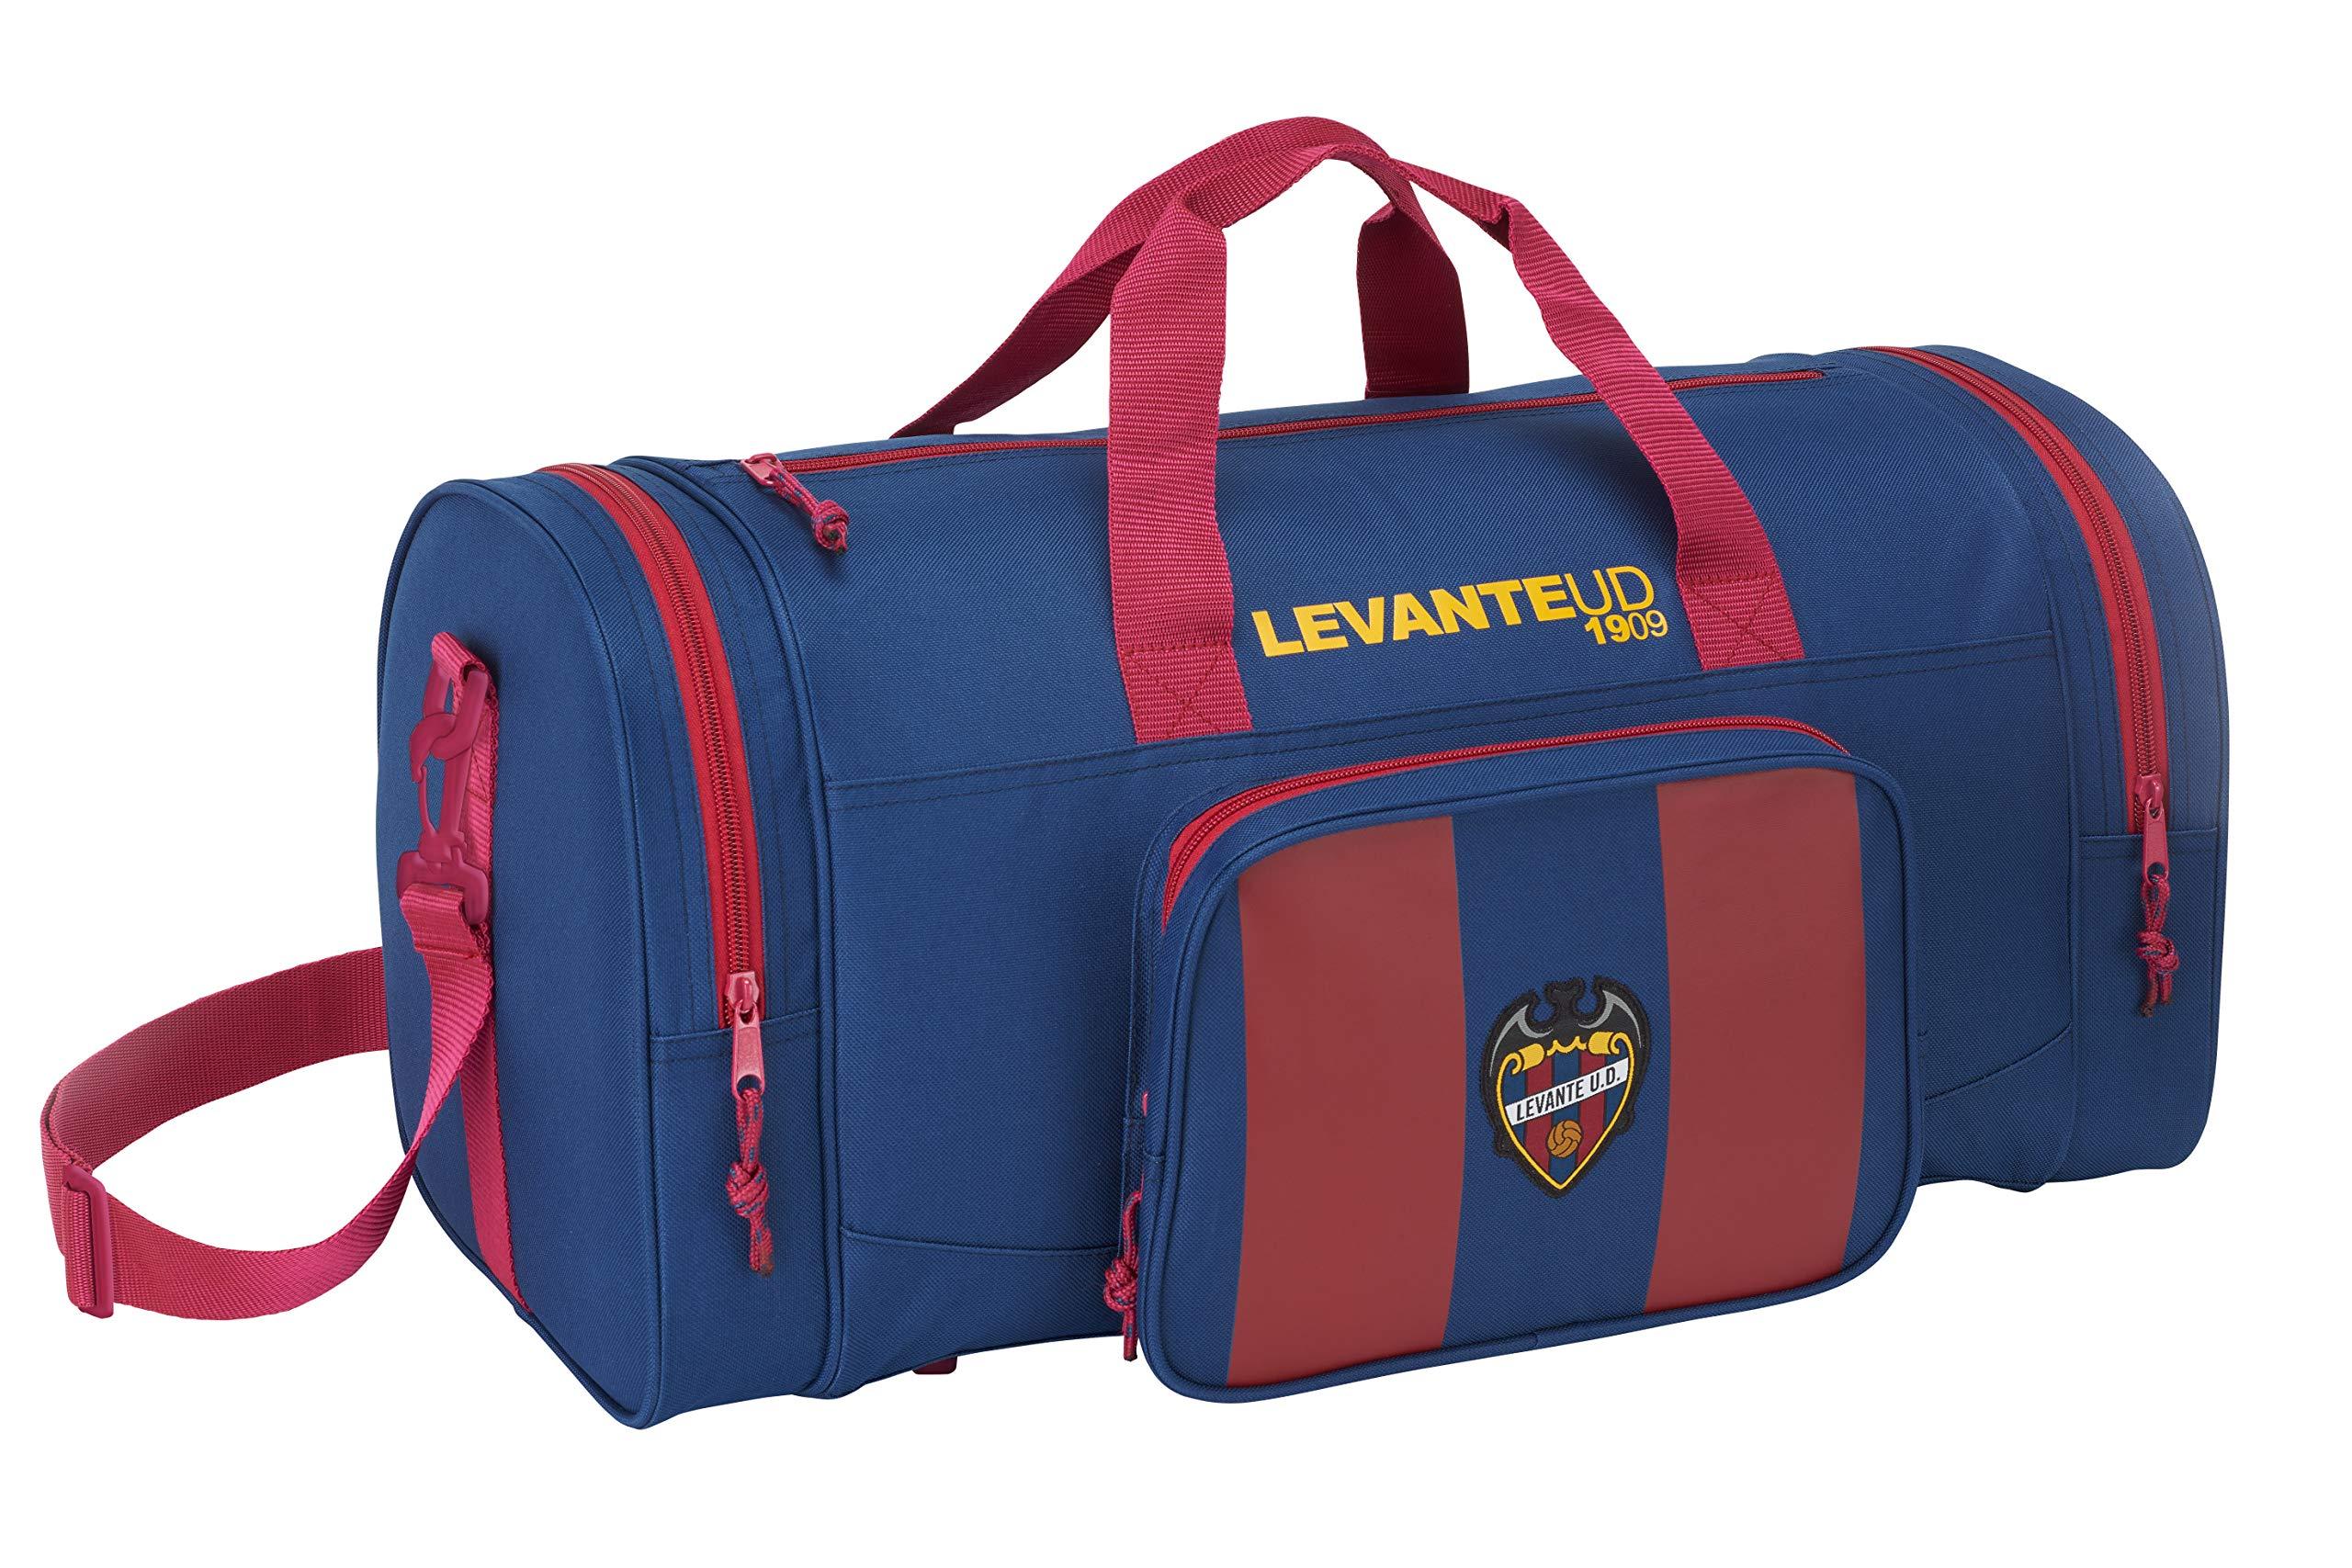 レバンテUD公式スポーツバッグ